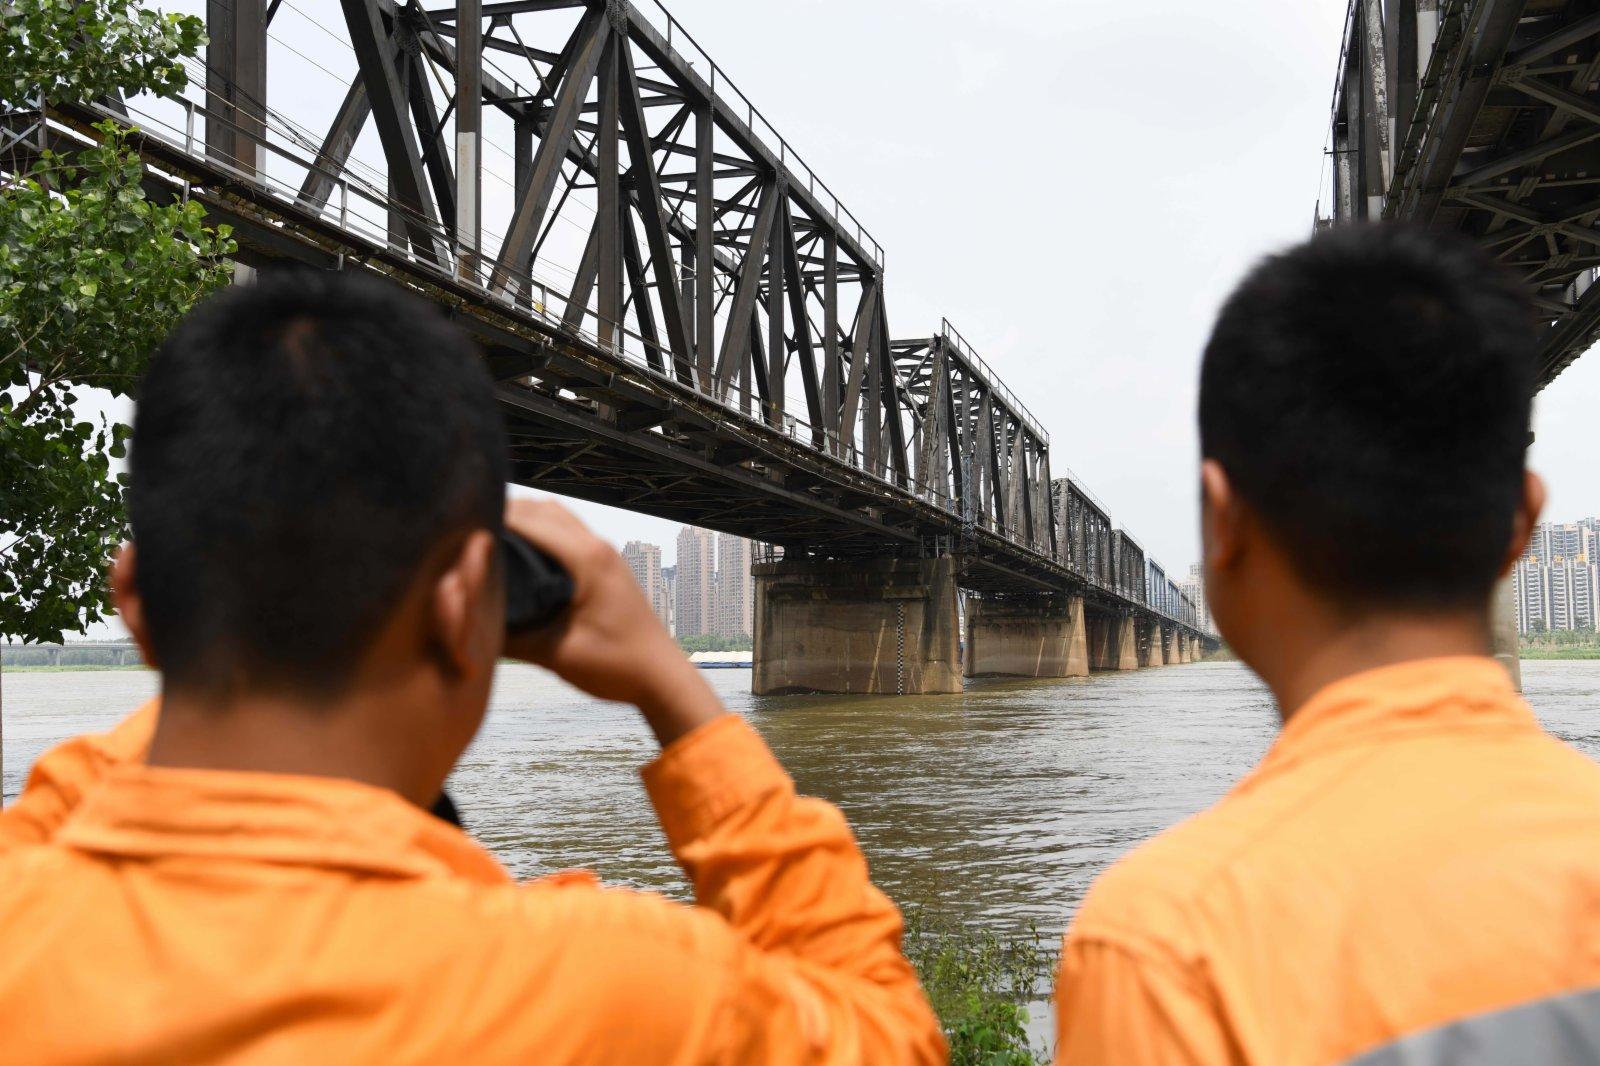 7月21日,橋隧工在觀測蚌埠淮河鐵路大橋下的淮河水位。(新華社)